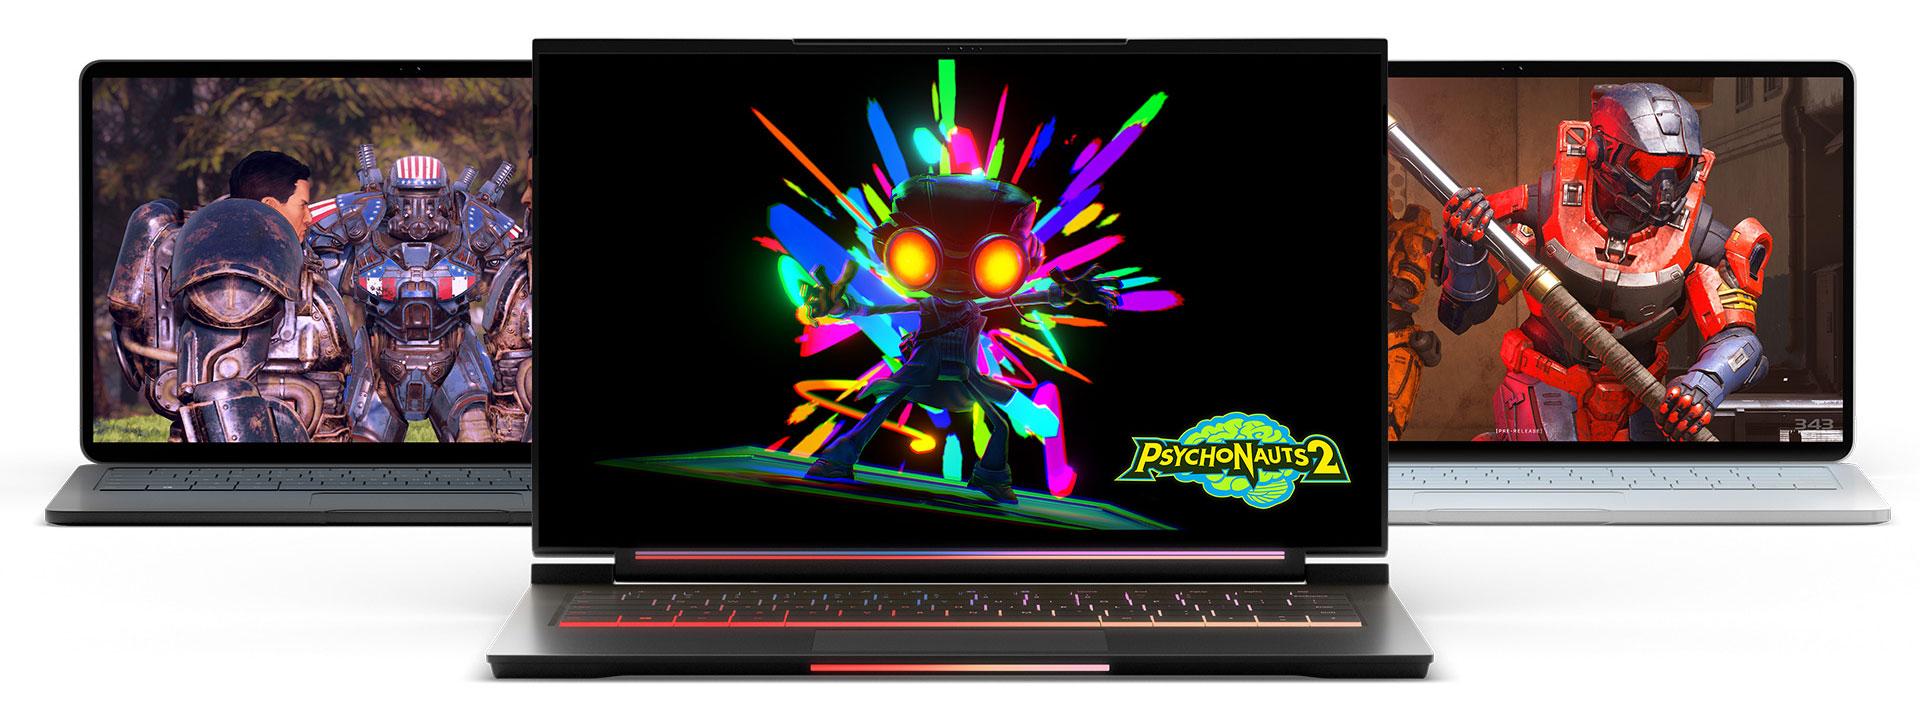 คอมพิวเตอร์แล็ปท็อป 3 เครื่องพร้อมวิดีโอเกมบนหน้าจอ